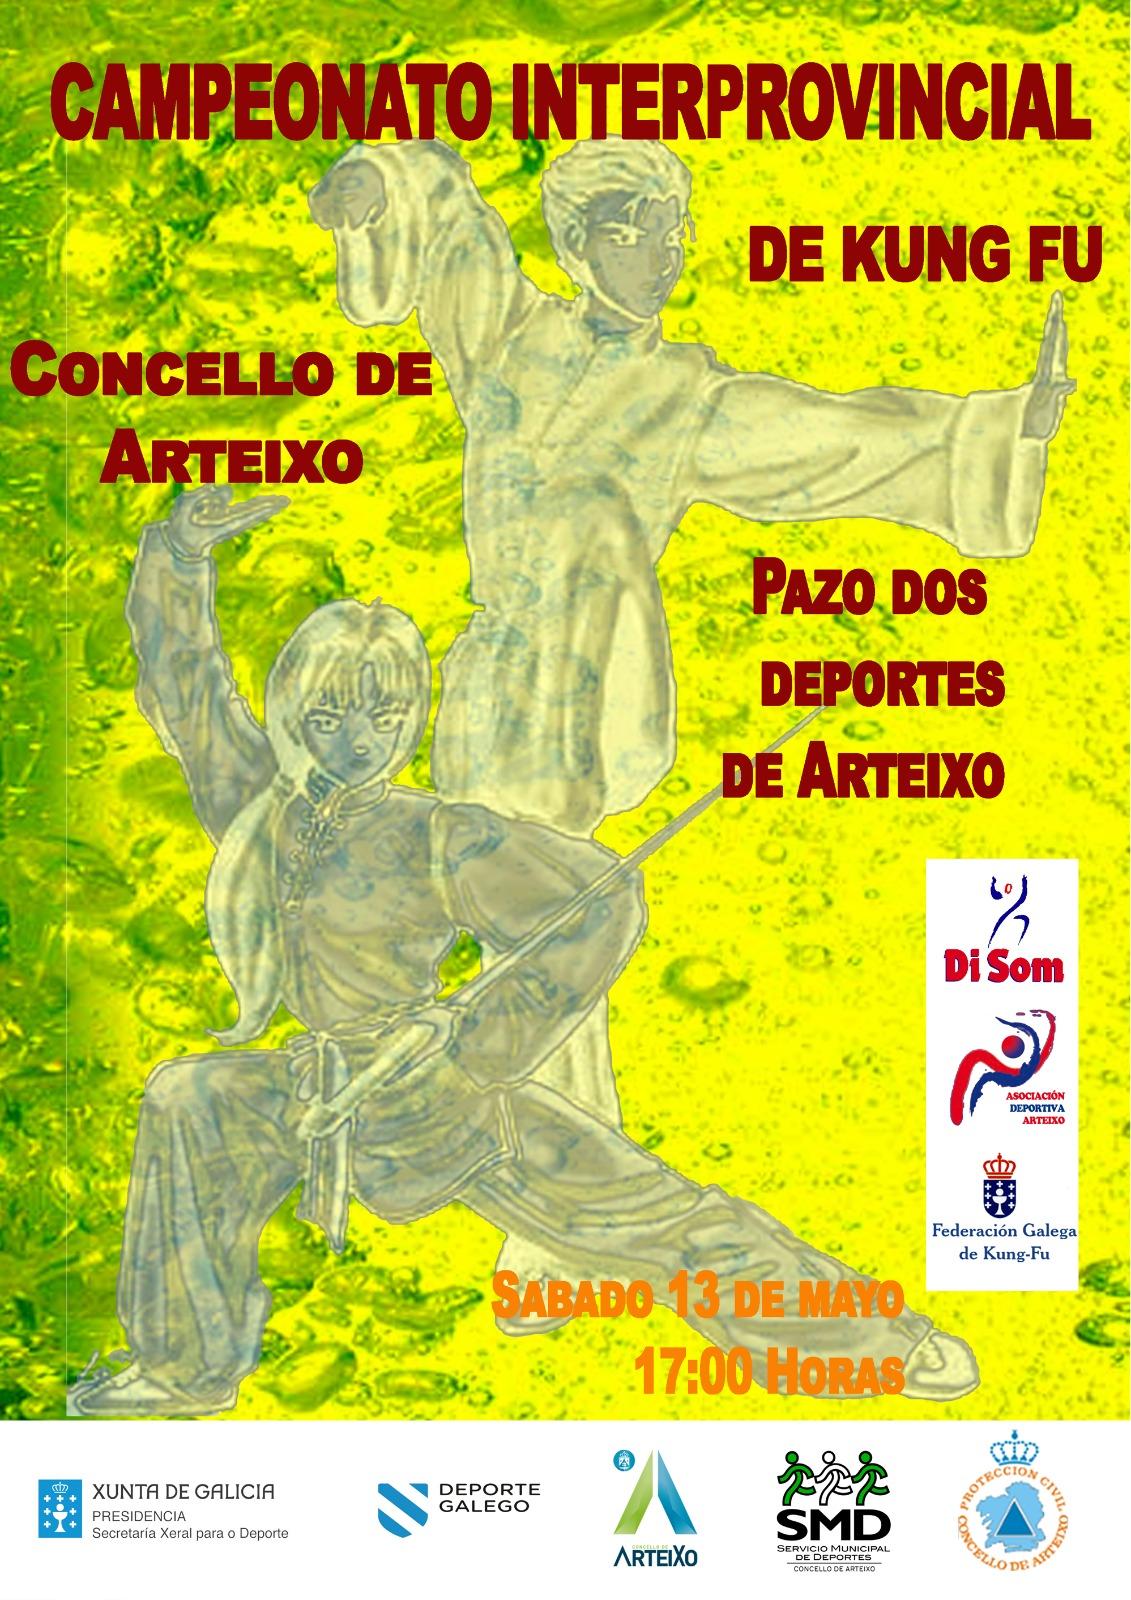 Cartel Campeonato Interprovincial de Kung Fu